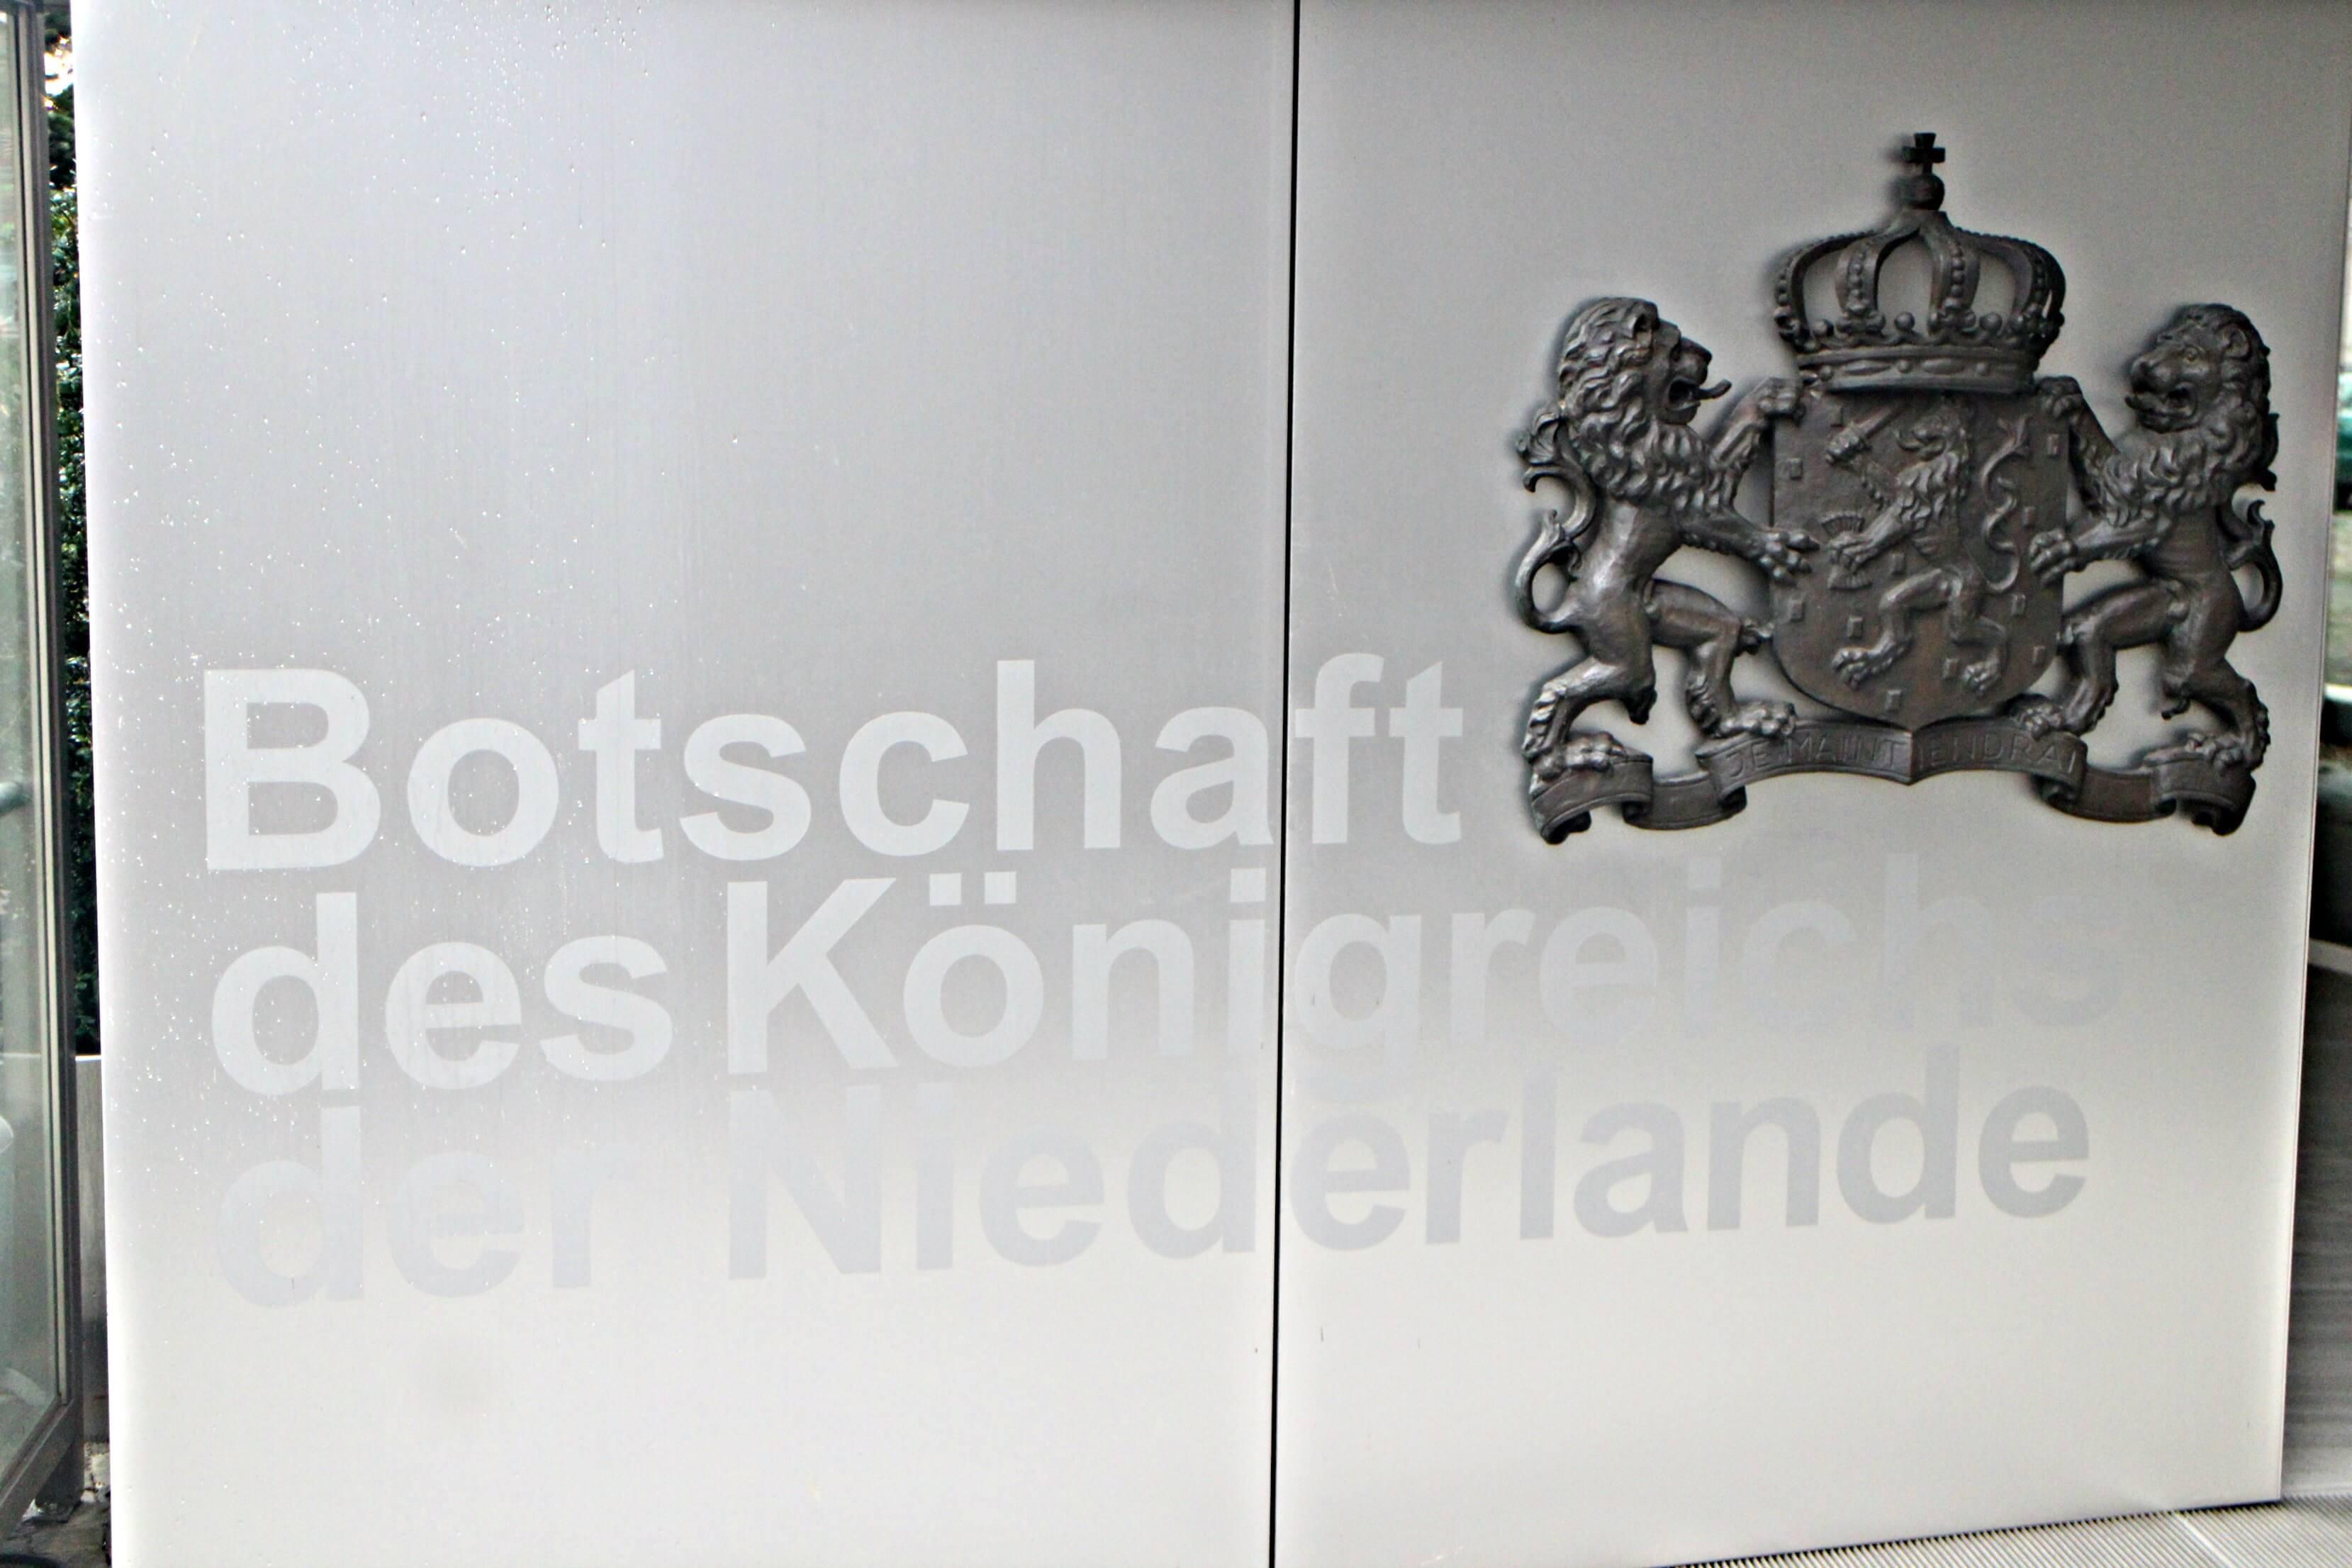 Ambassade van het Koninkrijk der Nederlanden in Berlijn